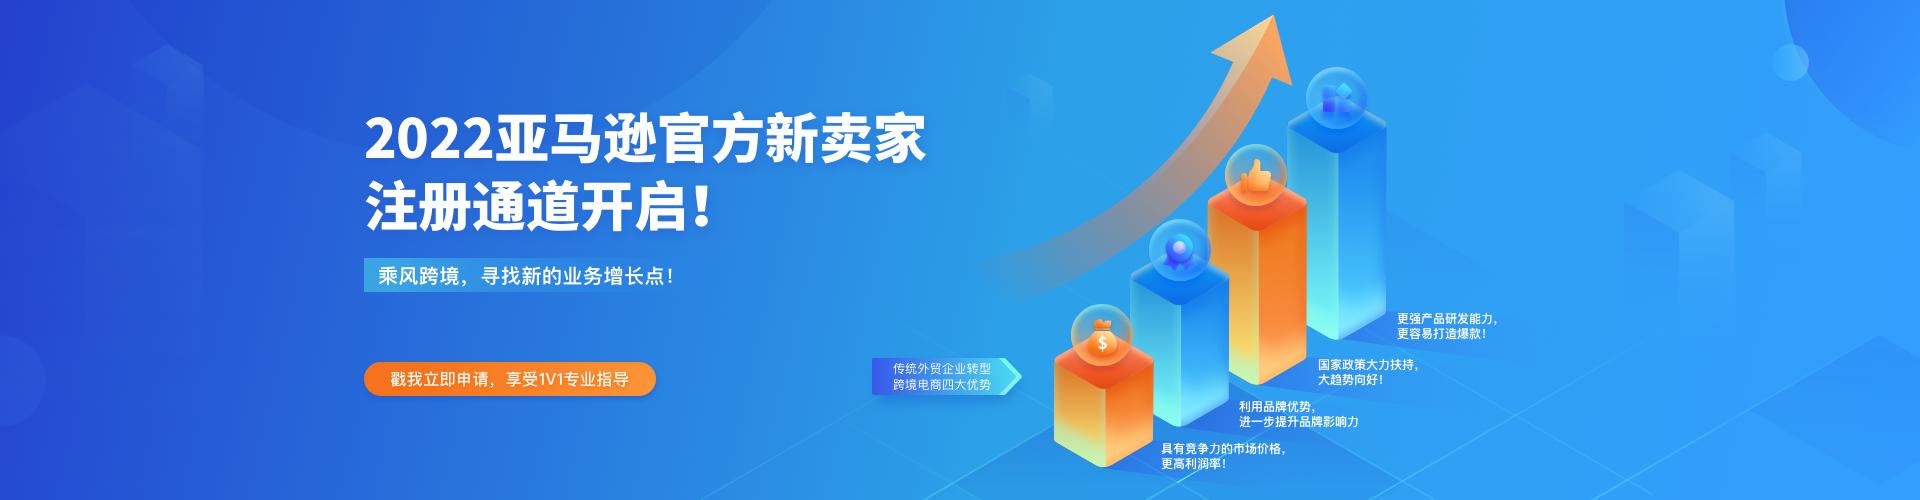 2022亚马逊官方新卖家注册通道介绍配图